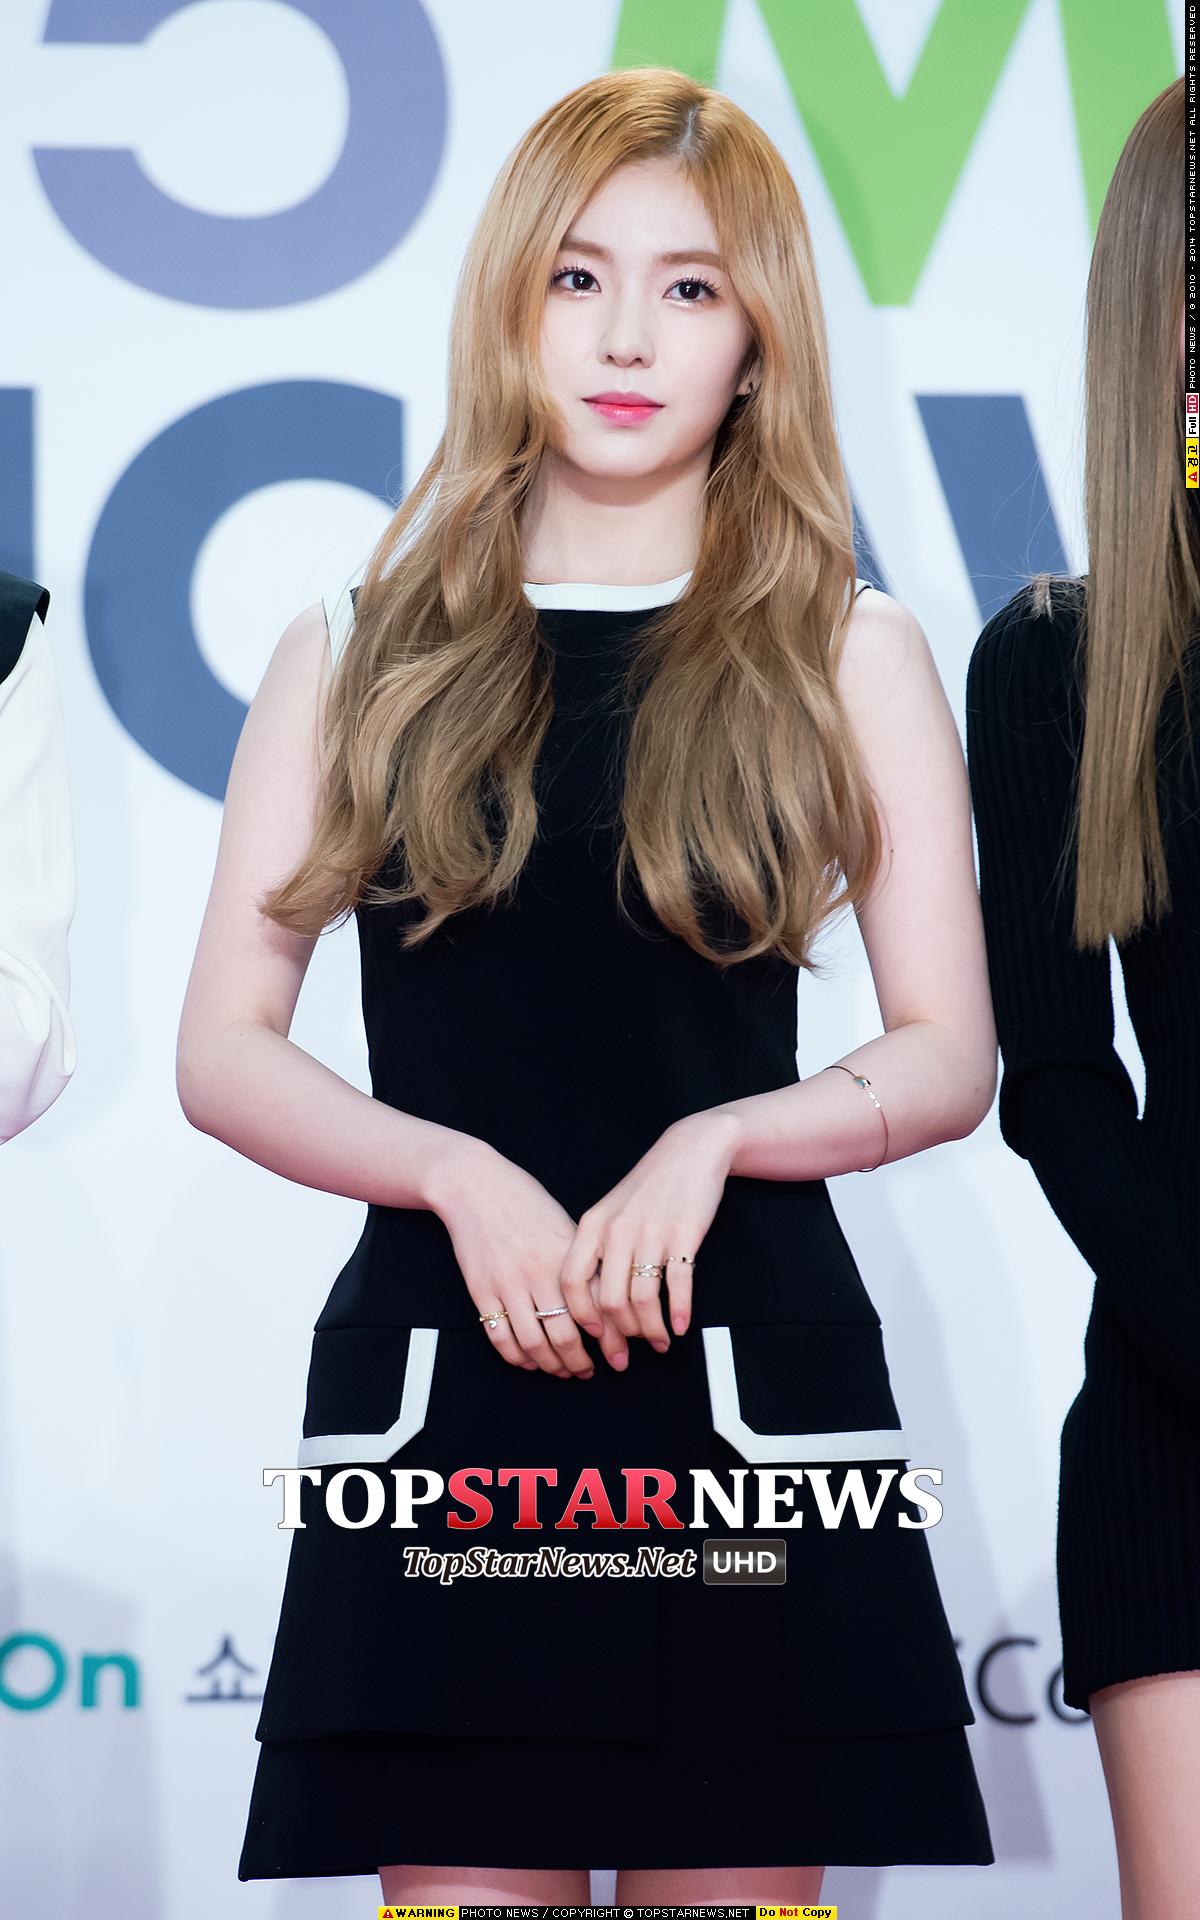 沒錯~就是Irene啦!韓國網友說Irene看起來像是有165的身高